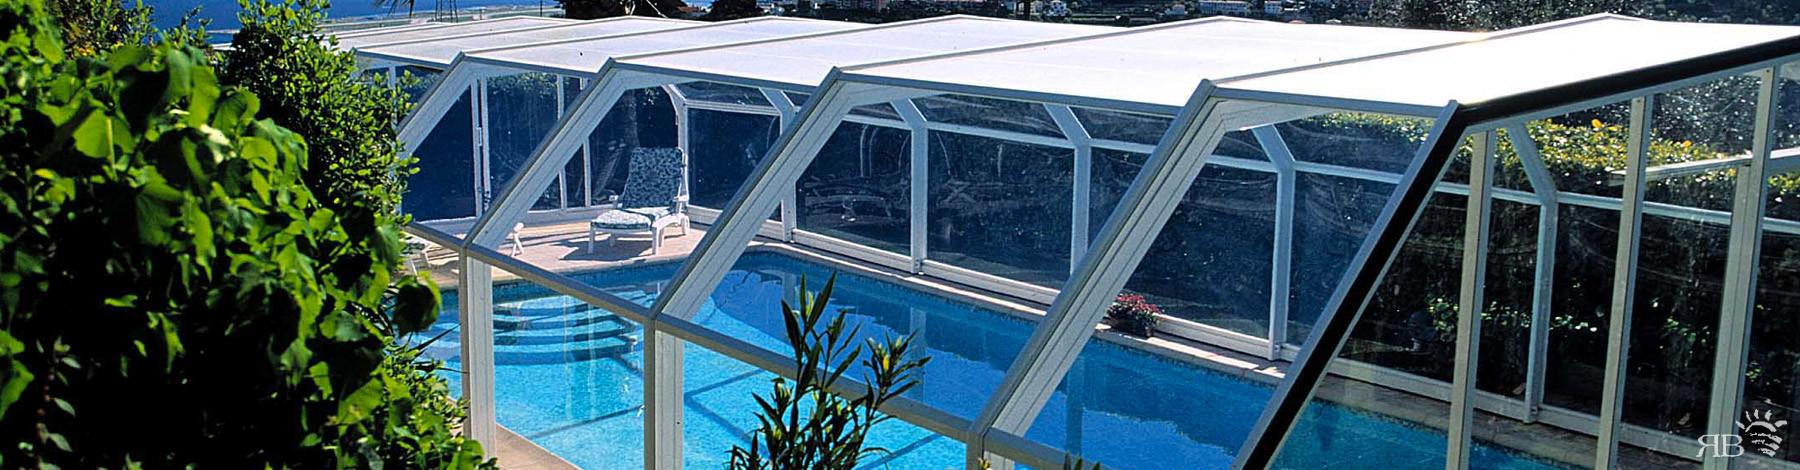 Coperture piscina